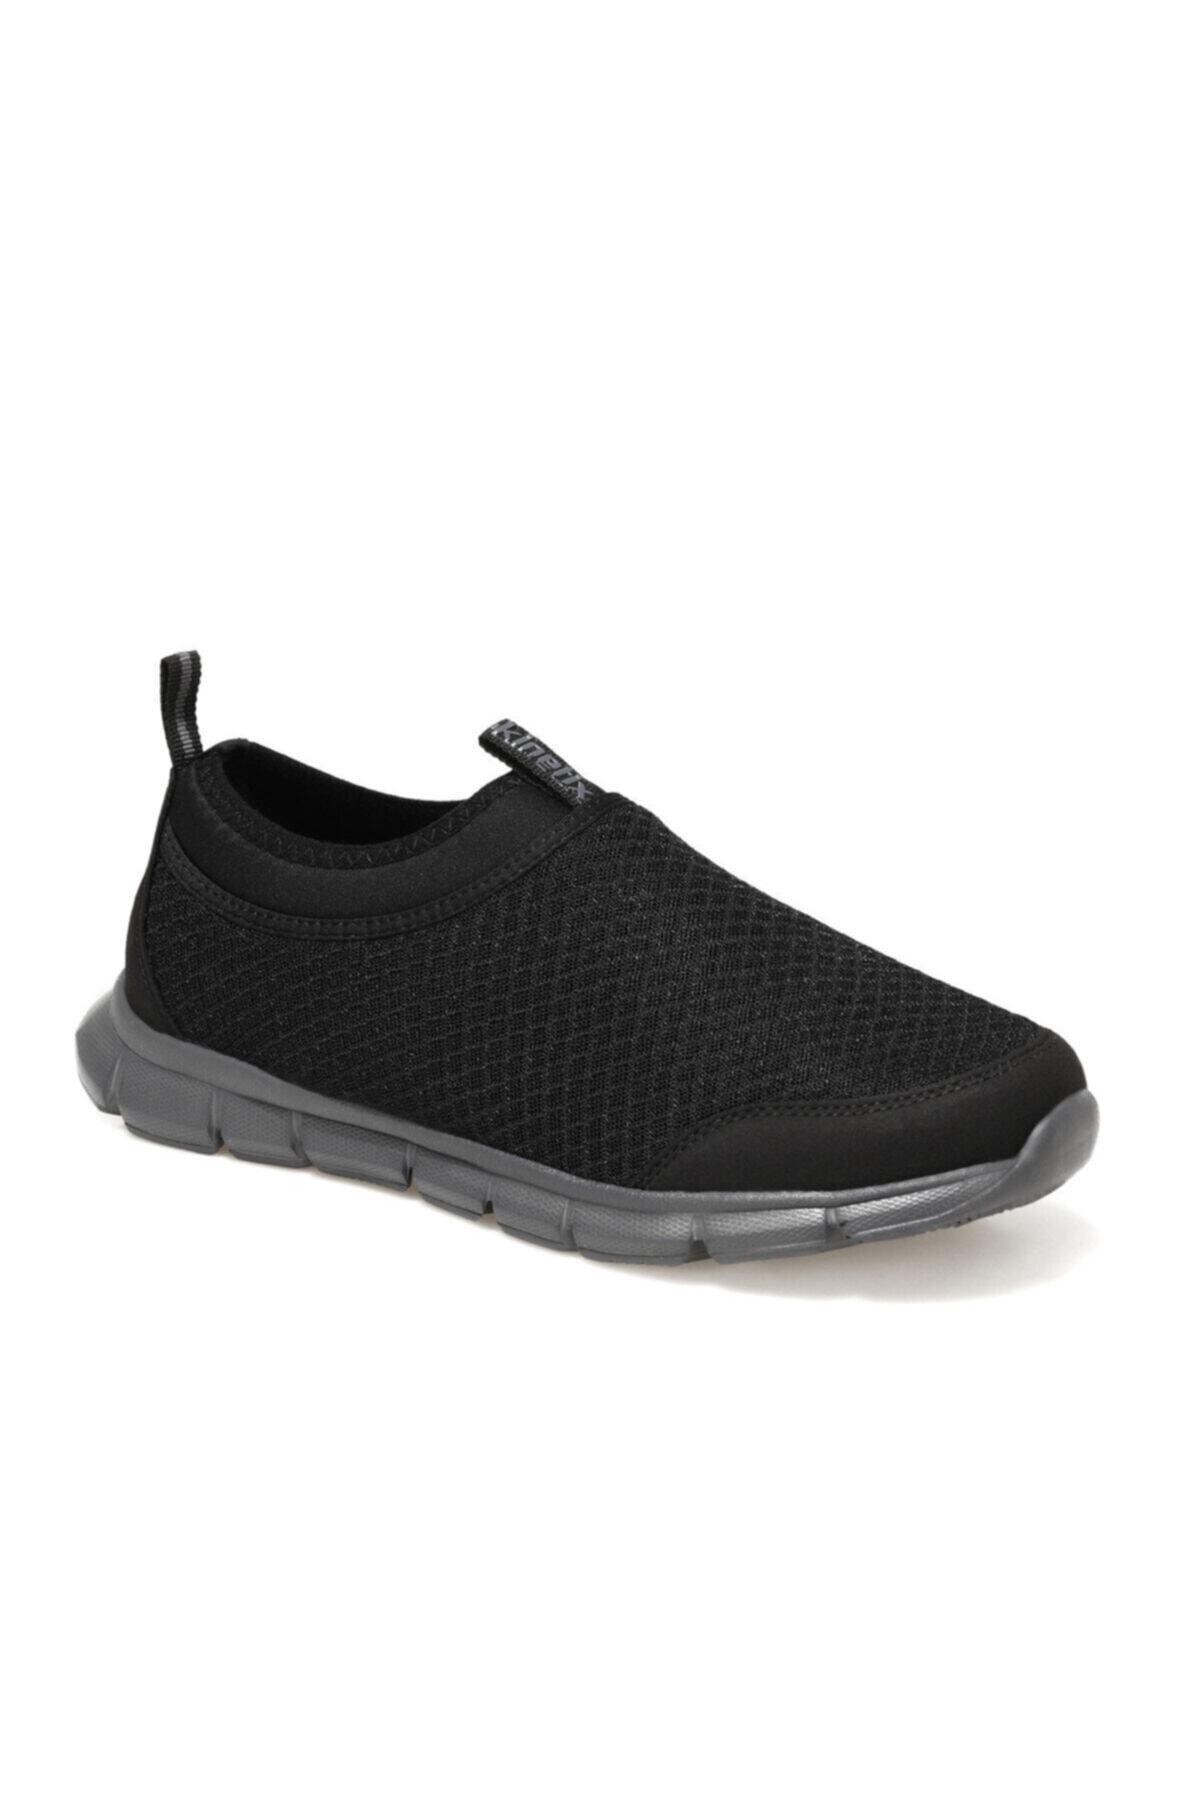 کفش اسپرت مردانه زیبا برند کینتیکس kinetix رنگ مشکی کد ty72359659